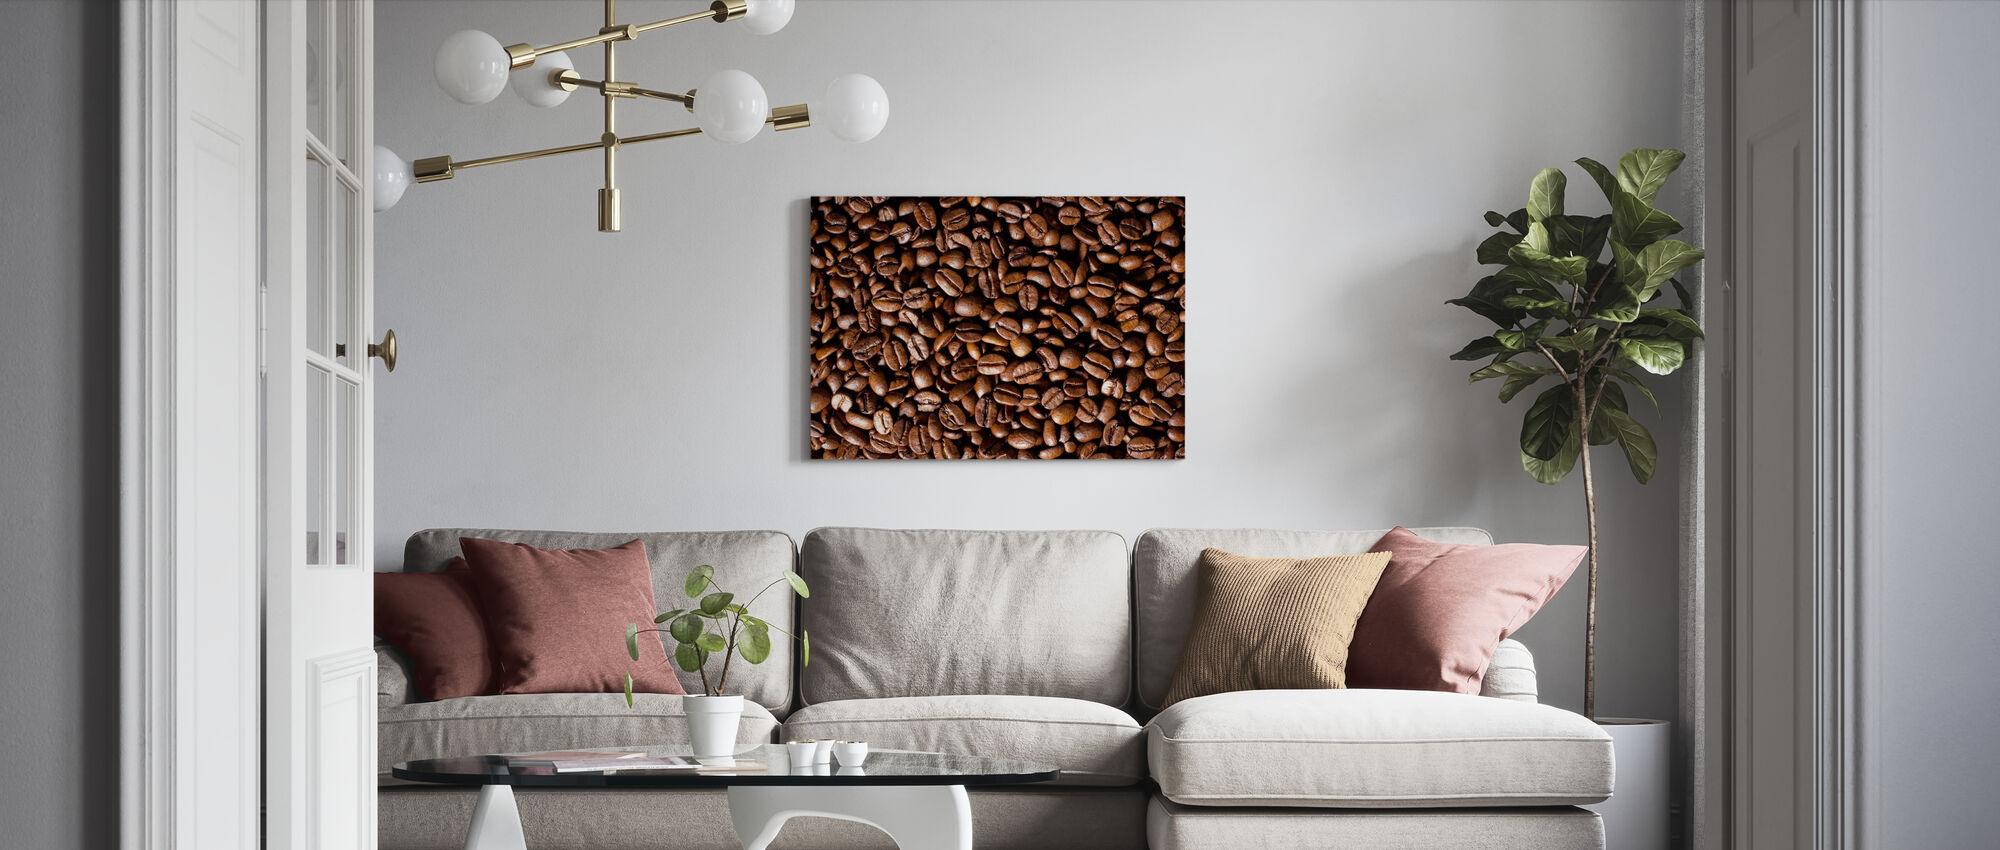 Kaffeebohnen - Leinwandbild - Wohnzimmer